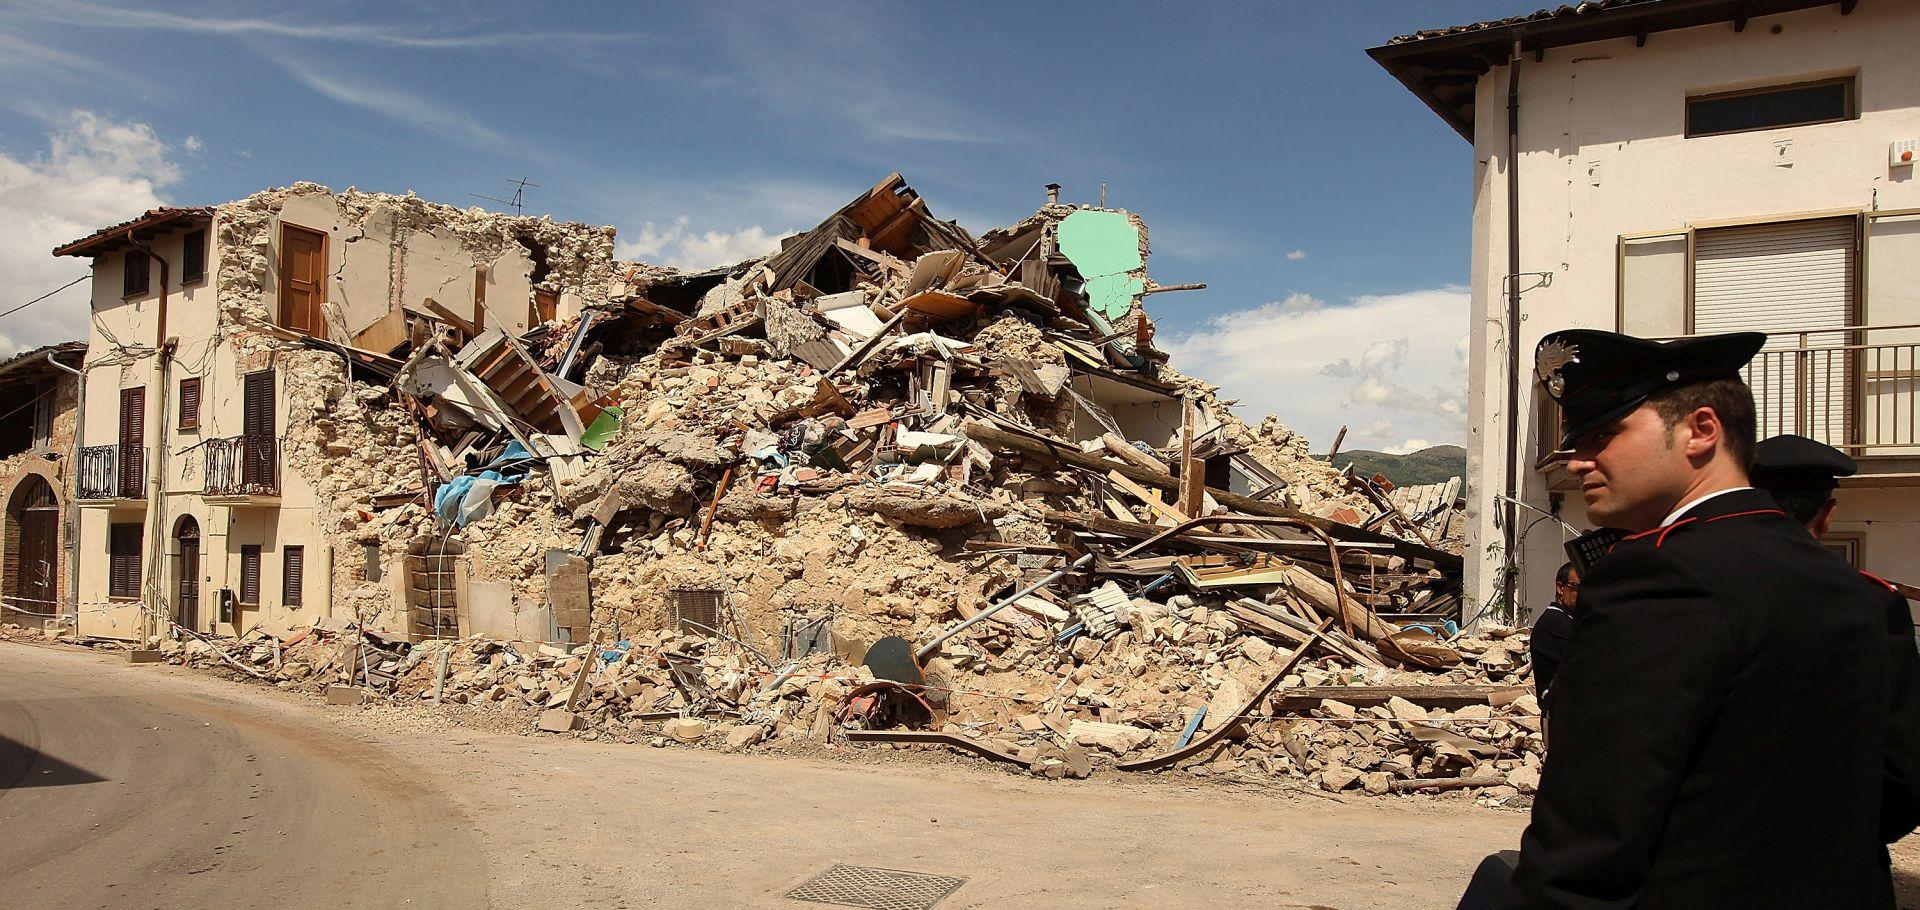 VIDEO: Aquila sedam godina nakon potresa još uvijek gradilište bez perspektive za ljude